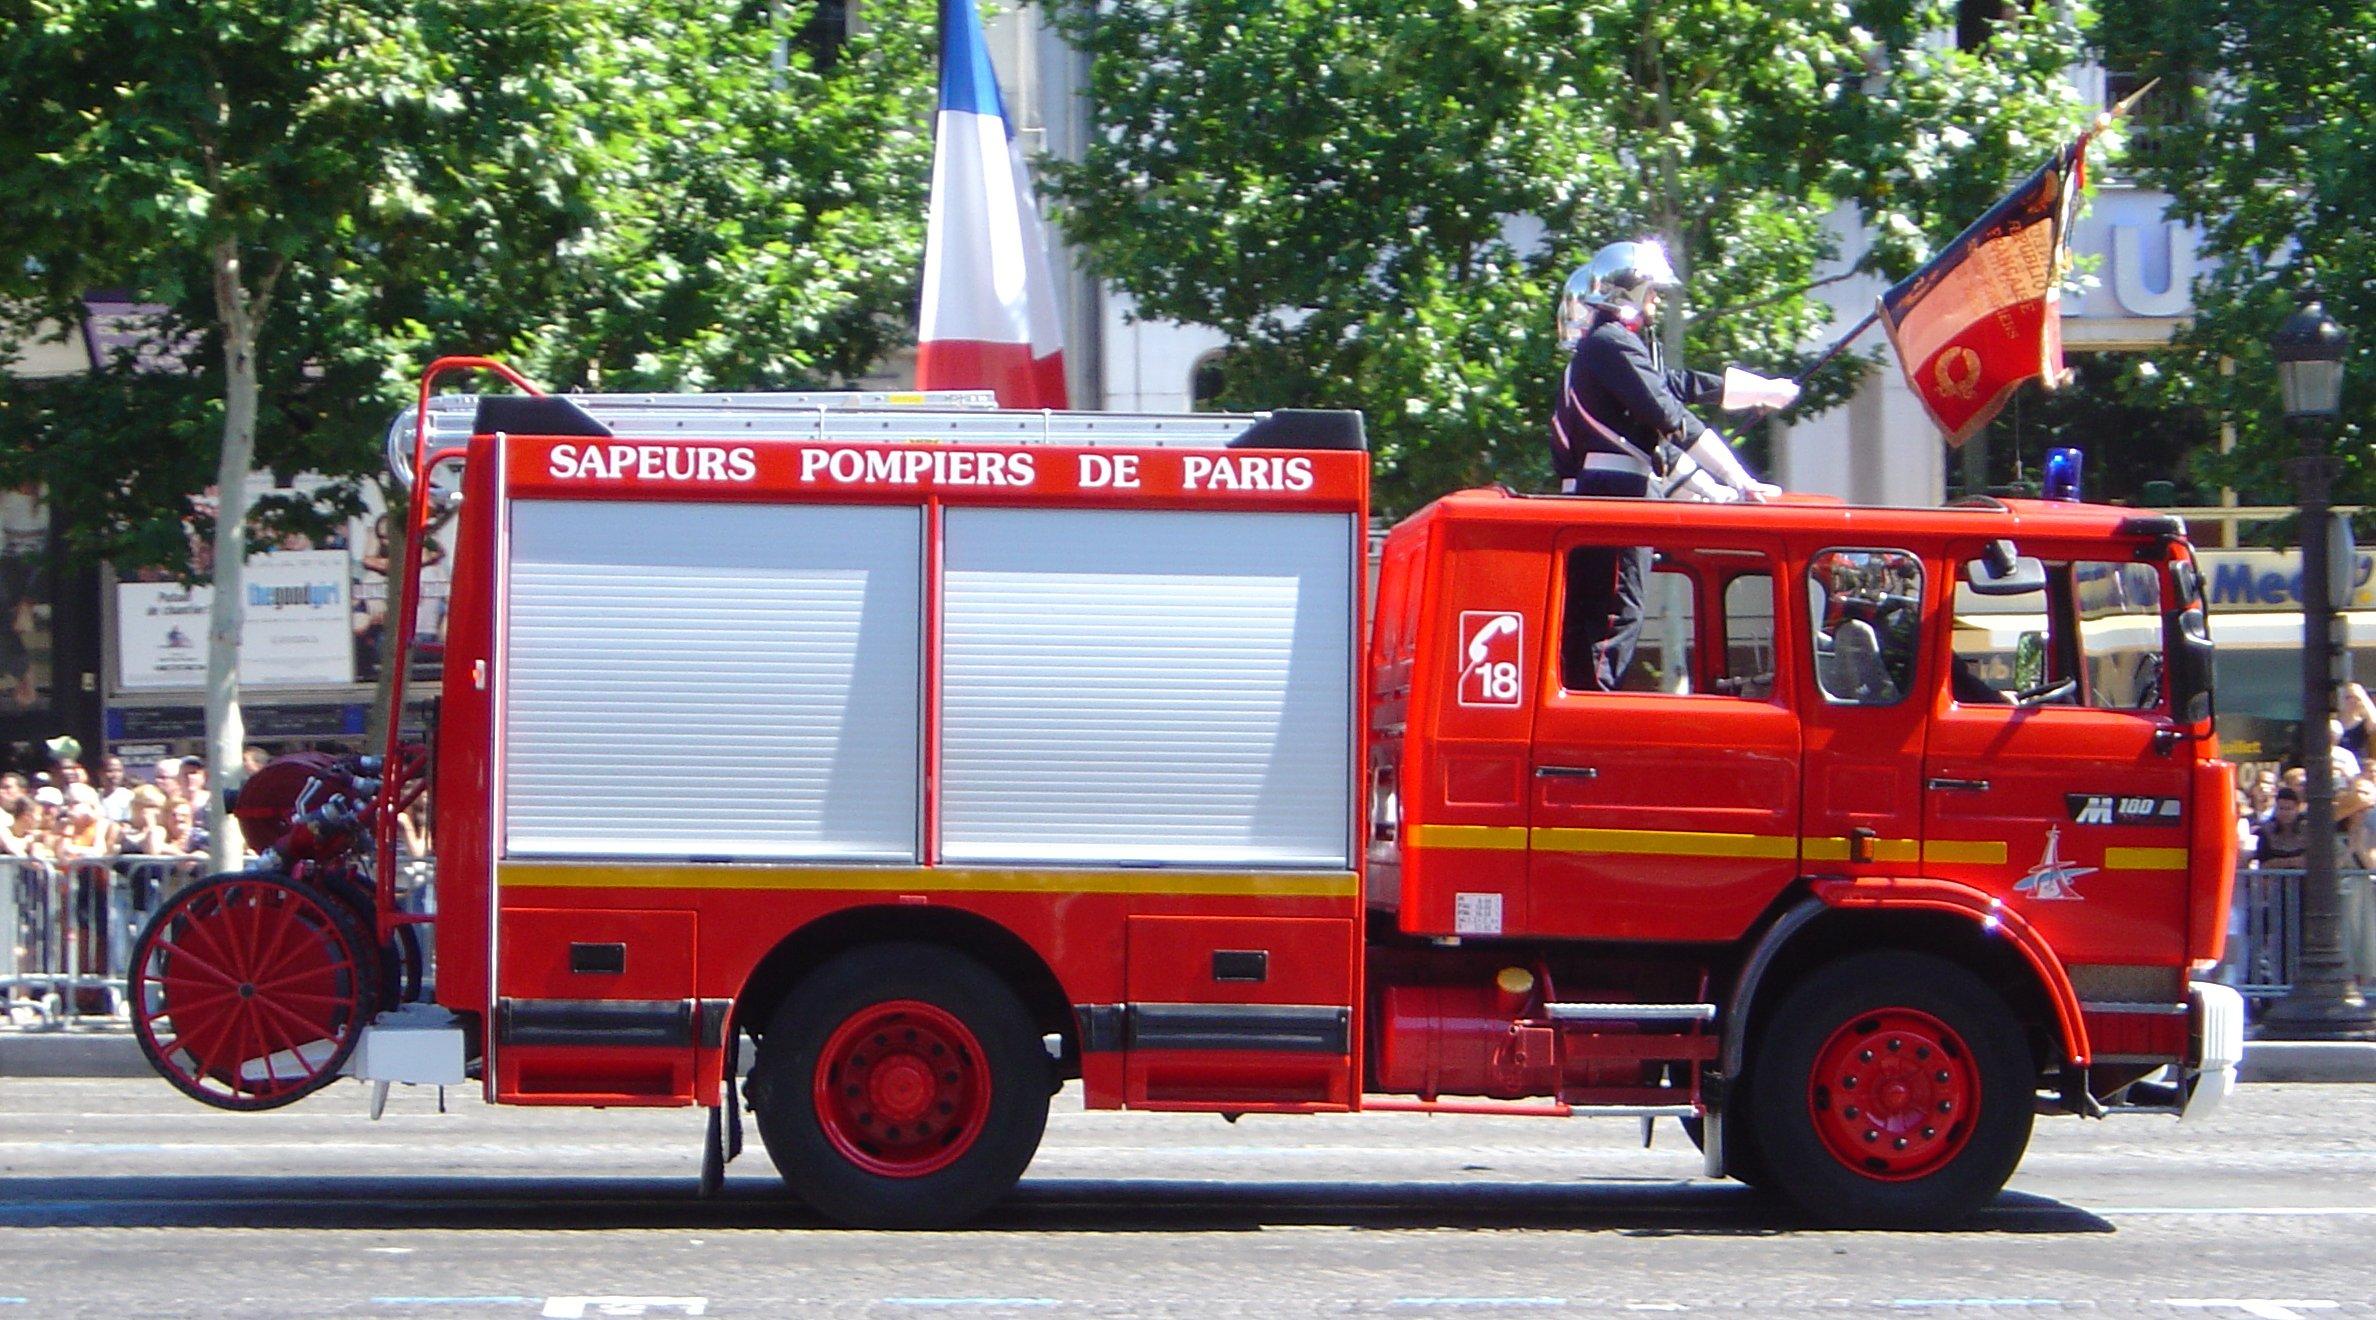 パリ消防旅団 - Wikipedia